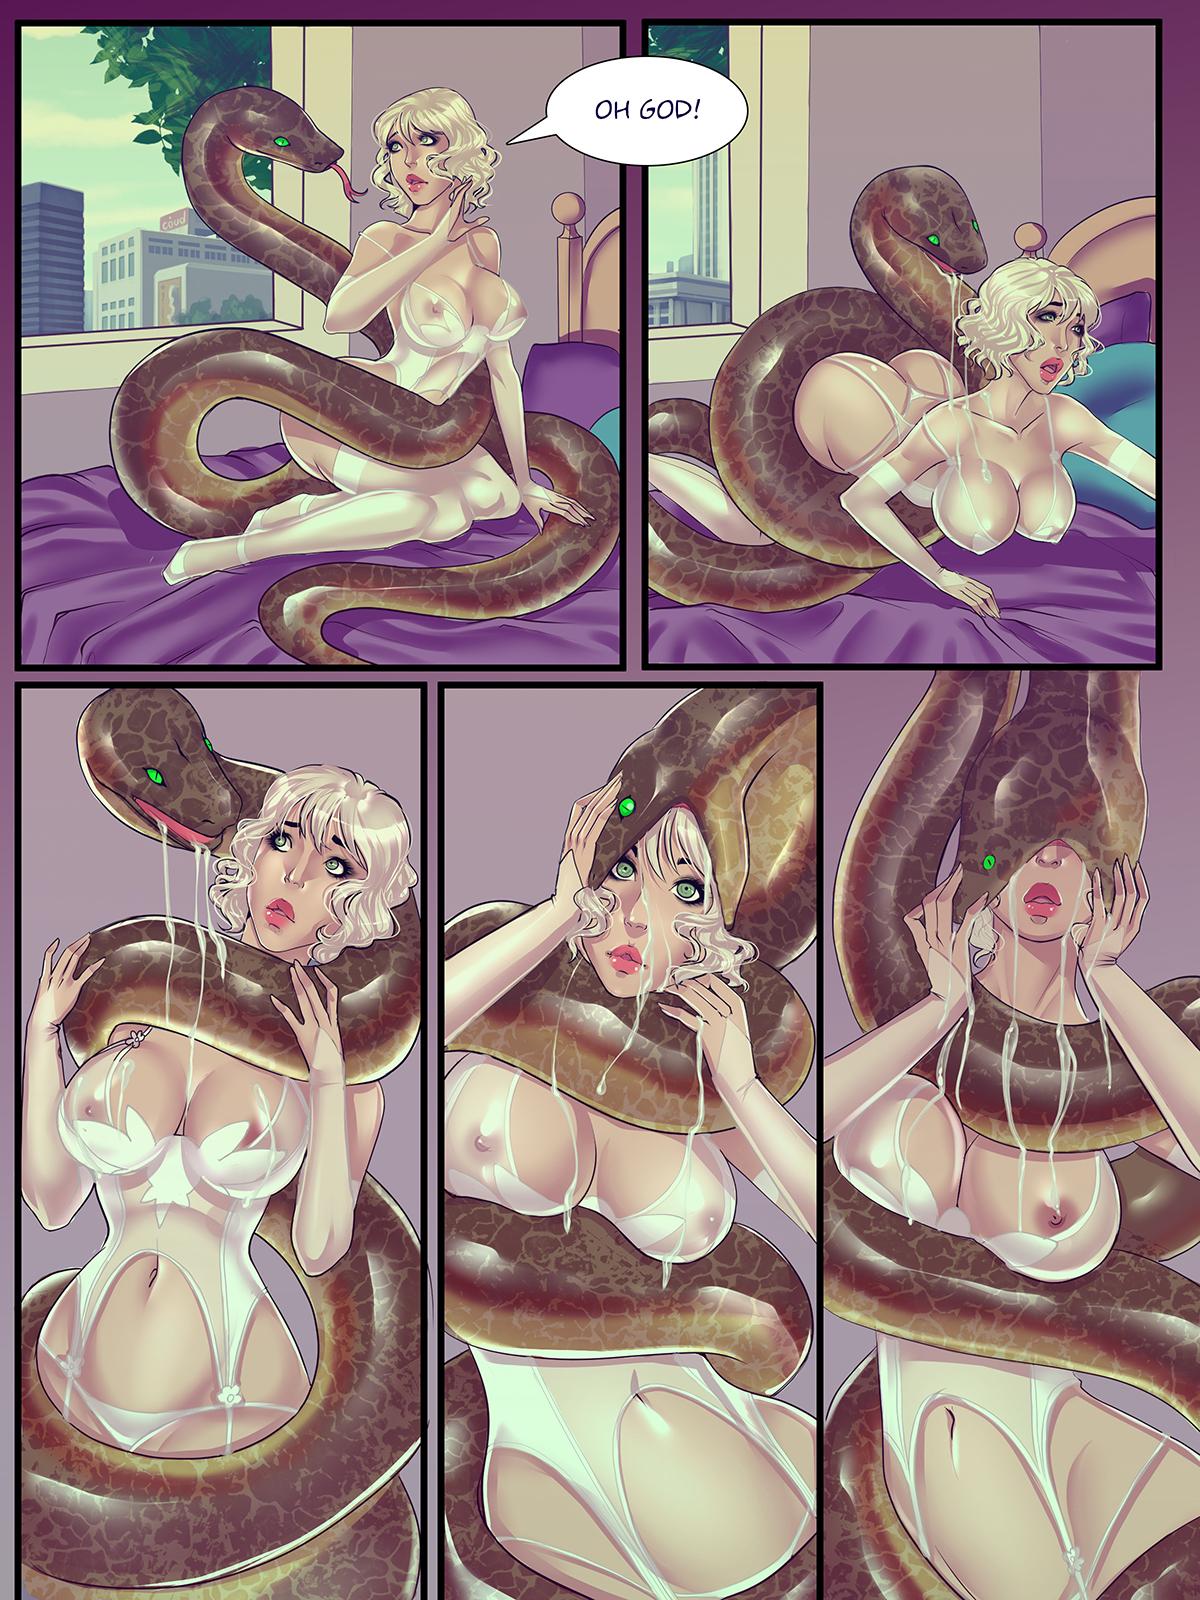 Snake vore fuck xxx photo